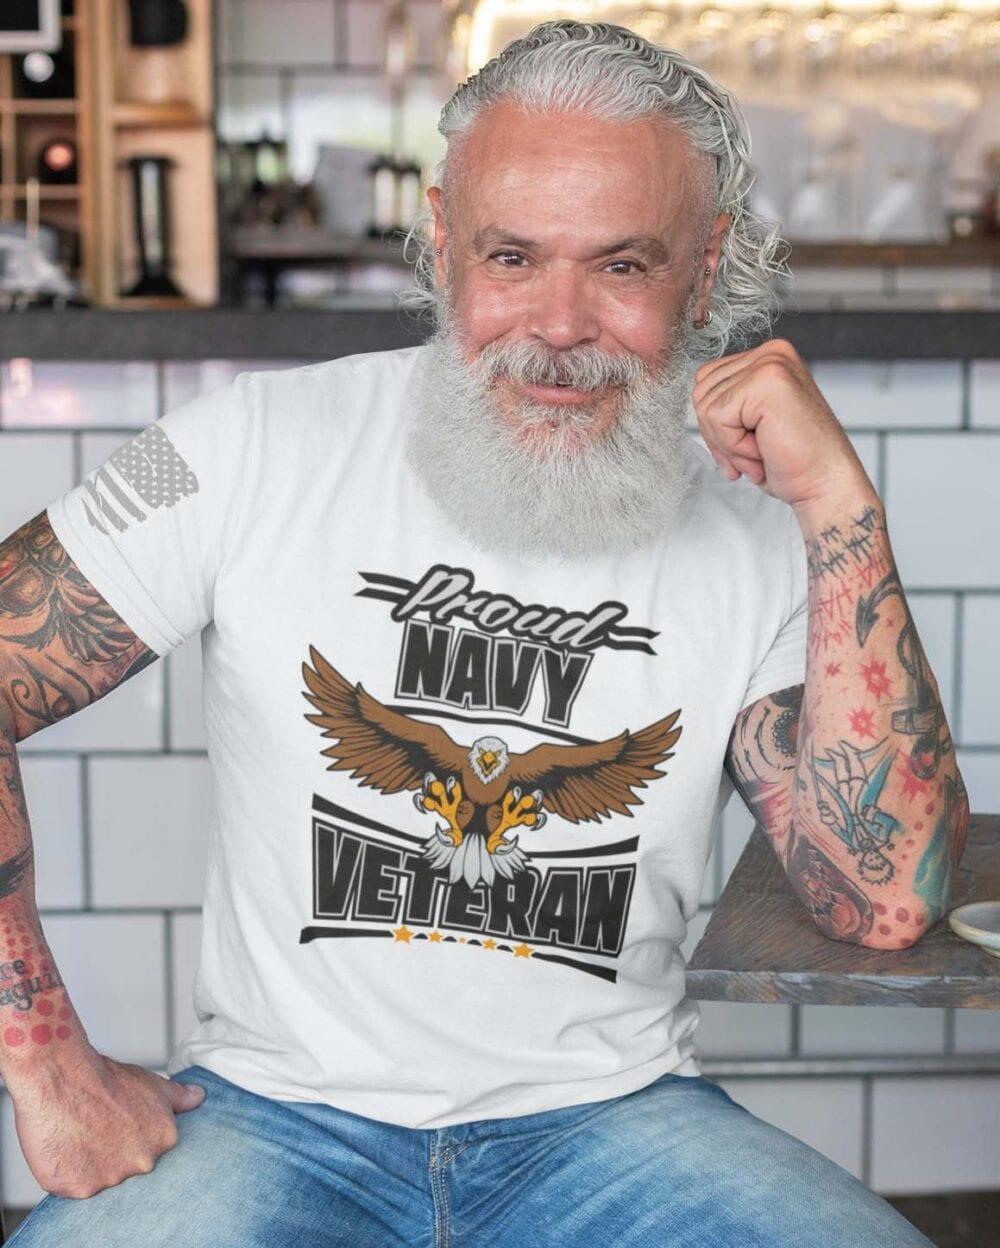 Navy Veteran on Men's White T-Shirt